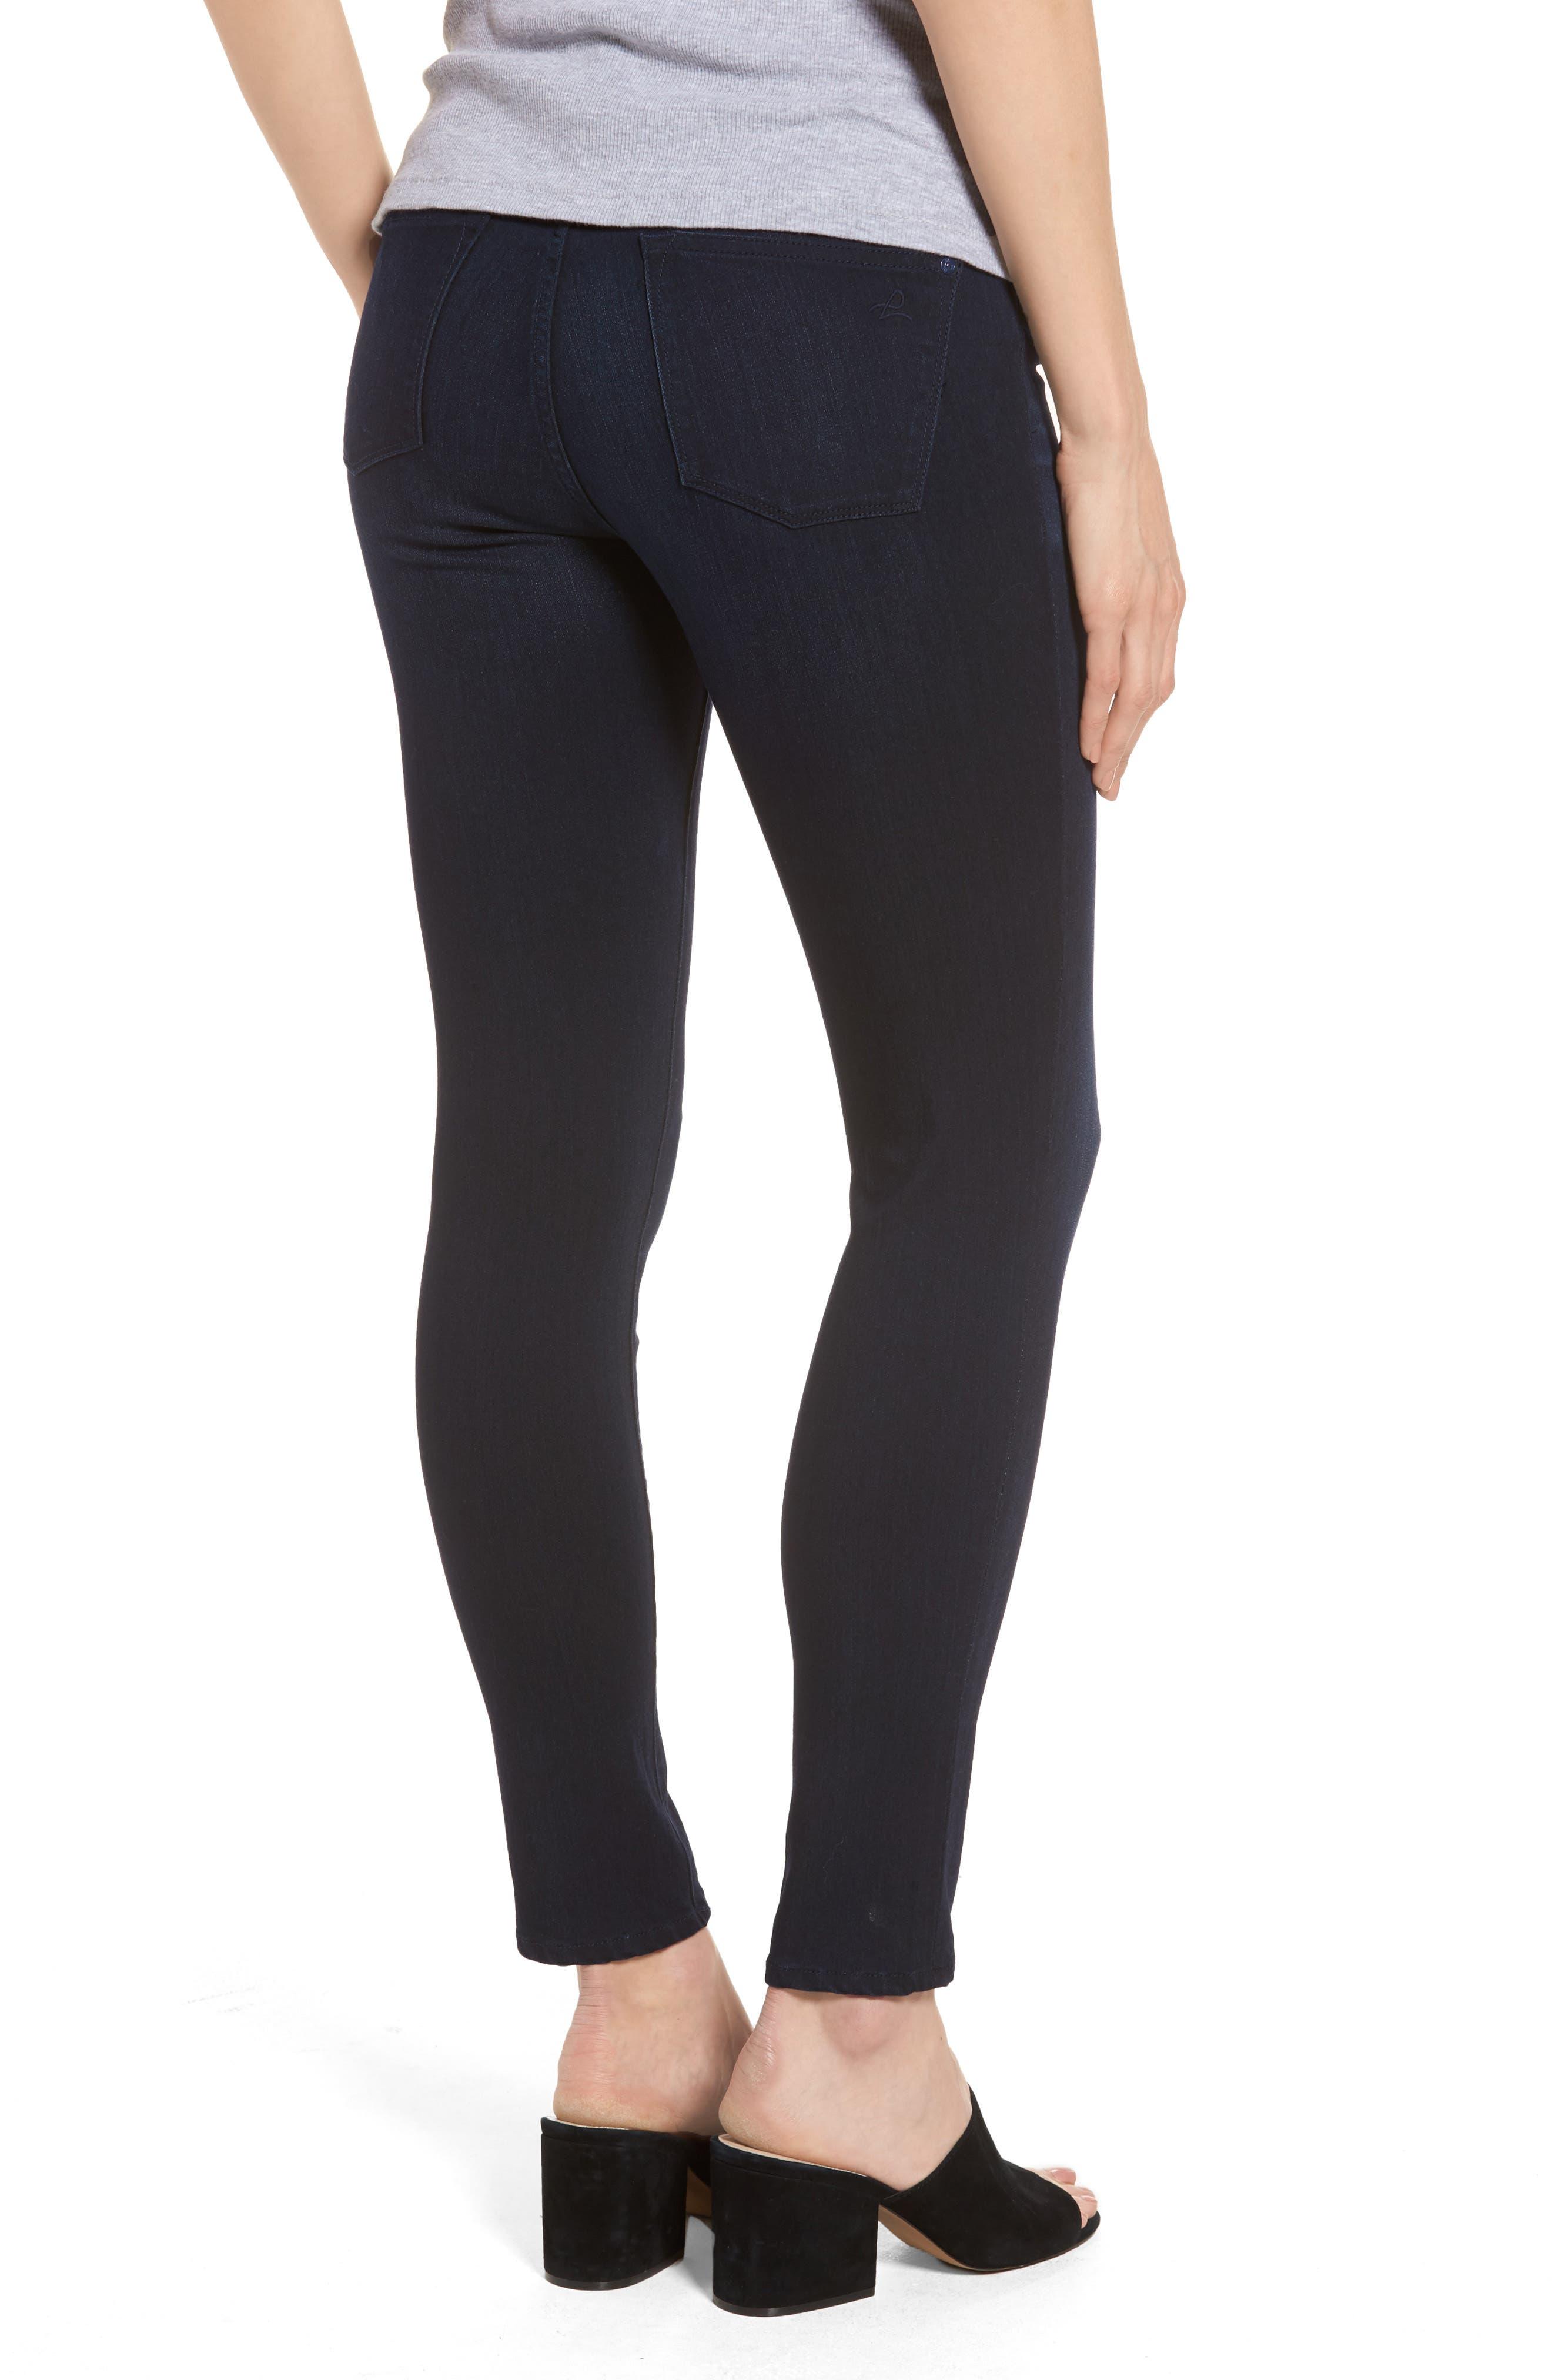 Emma Power Legging Maternity Jeans,                             Alternate thumbnail 2, color,                             Token